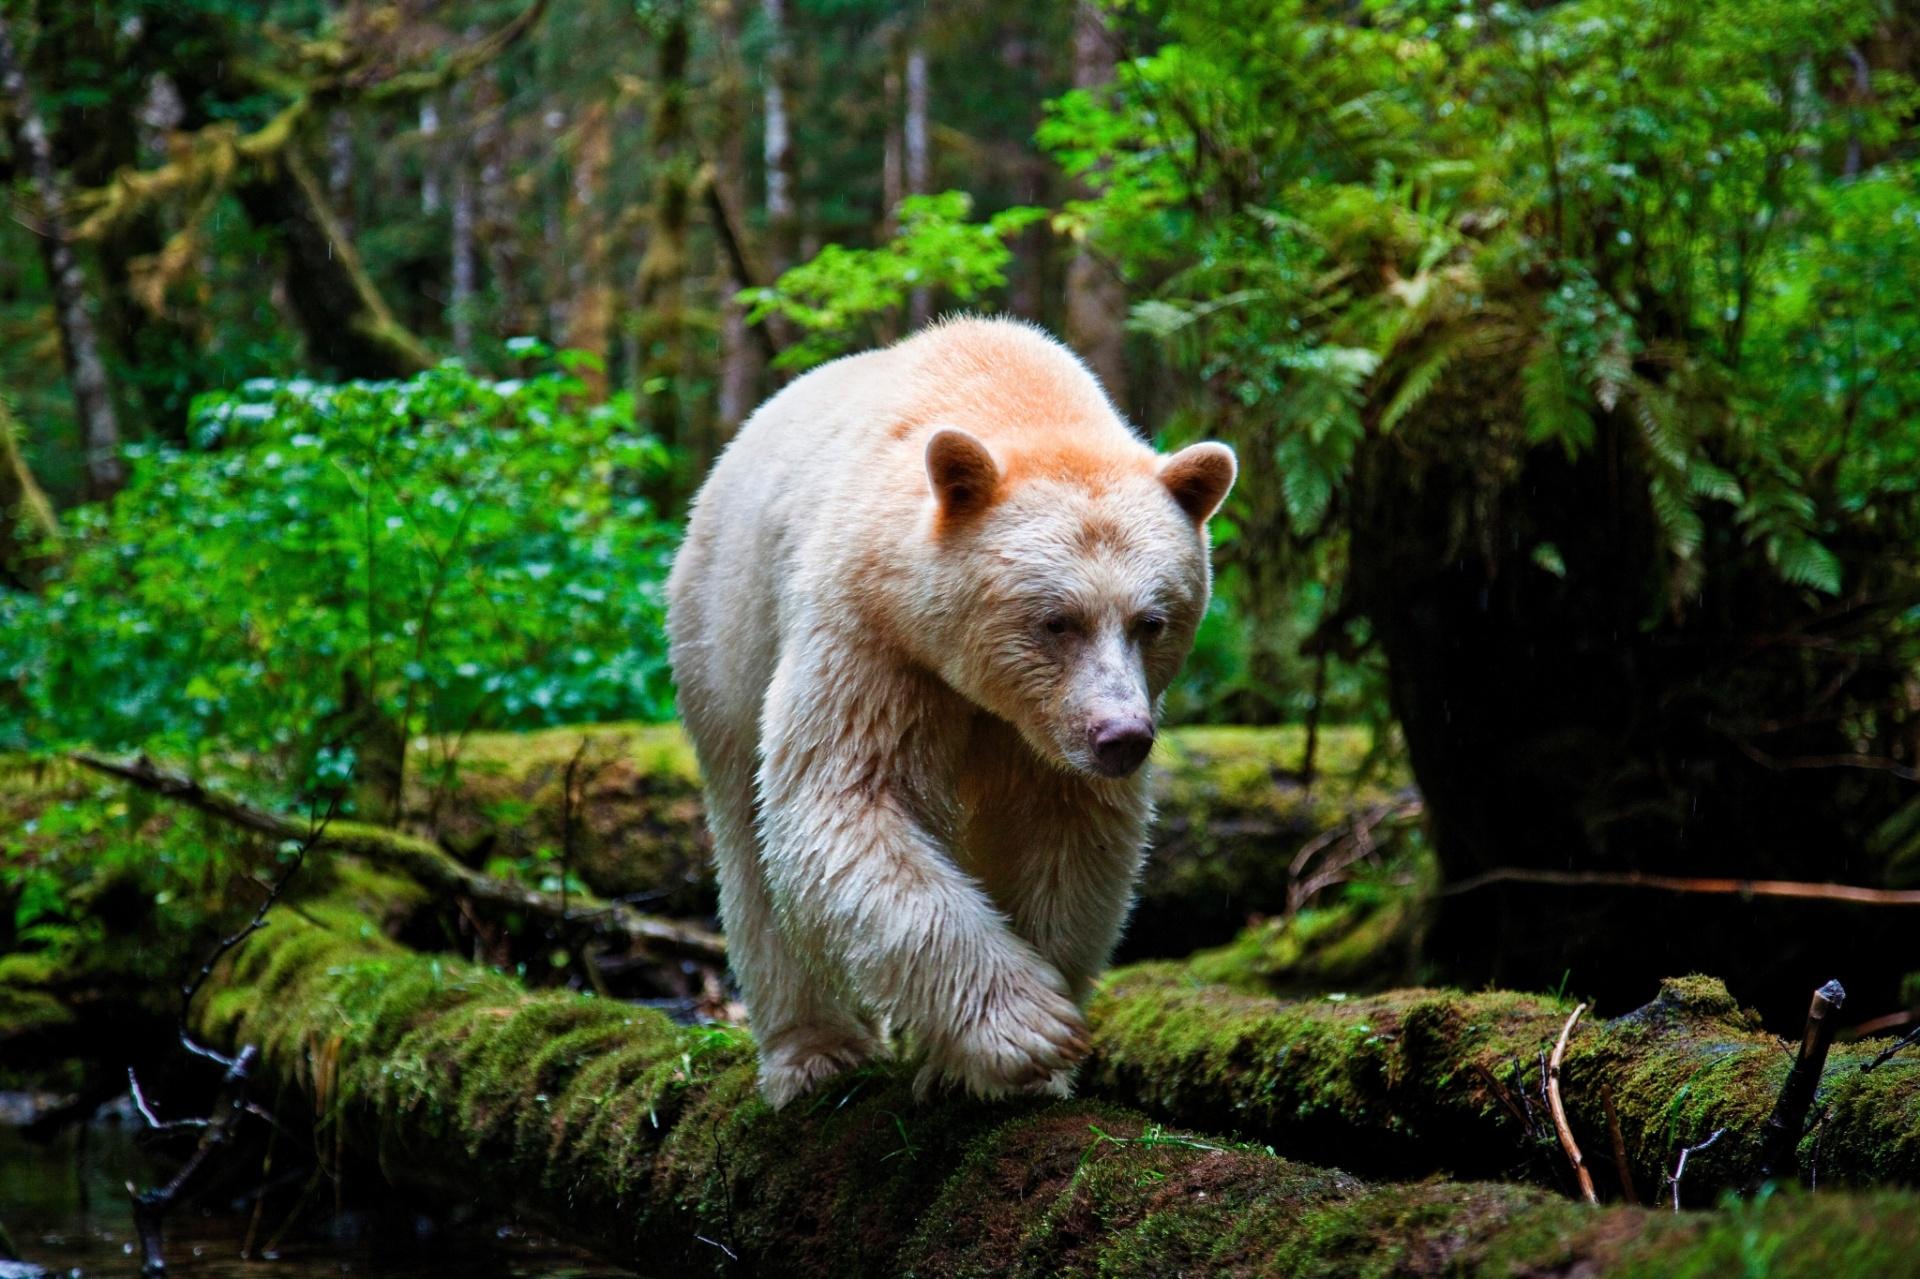 8.set.2016 - Um urso de Kermode caminha na floresta do Grande Urso, na Columbia Britânica, Canadá. Este animal raro é, na verdade, um urso negro com pelagem clara